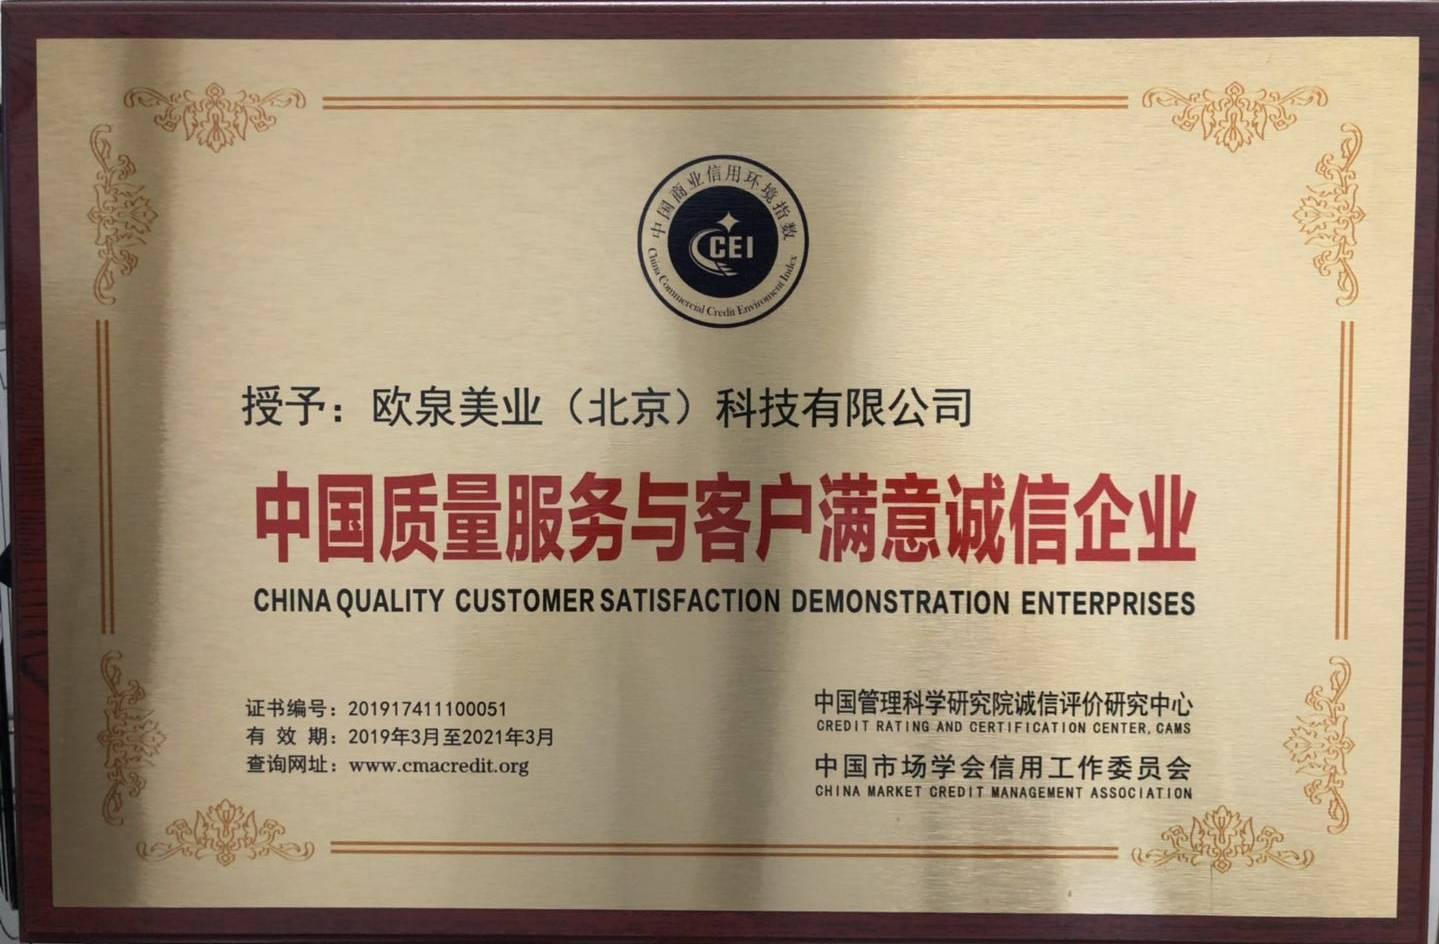 欧泉宝贝荣获中国质量服务与客户满意诚信企业